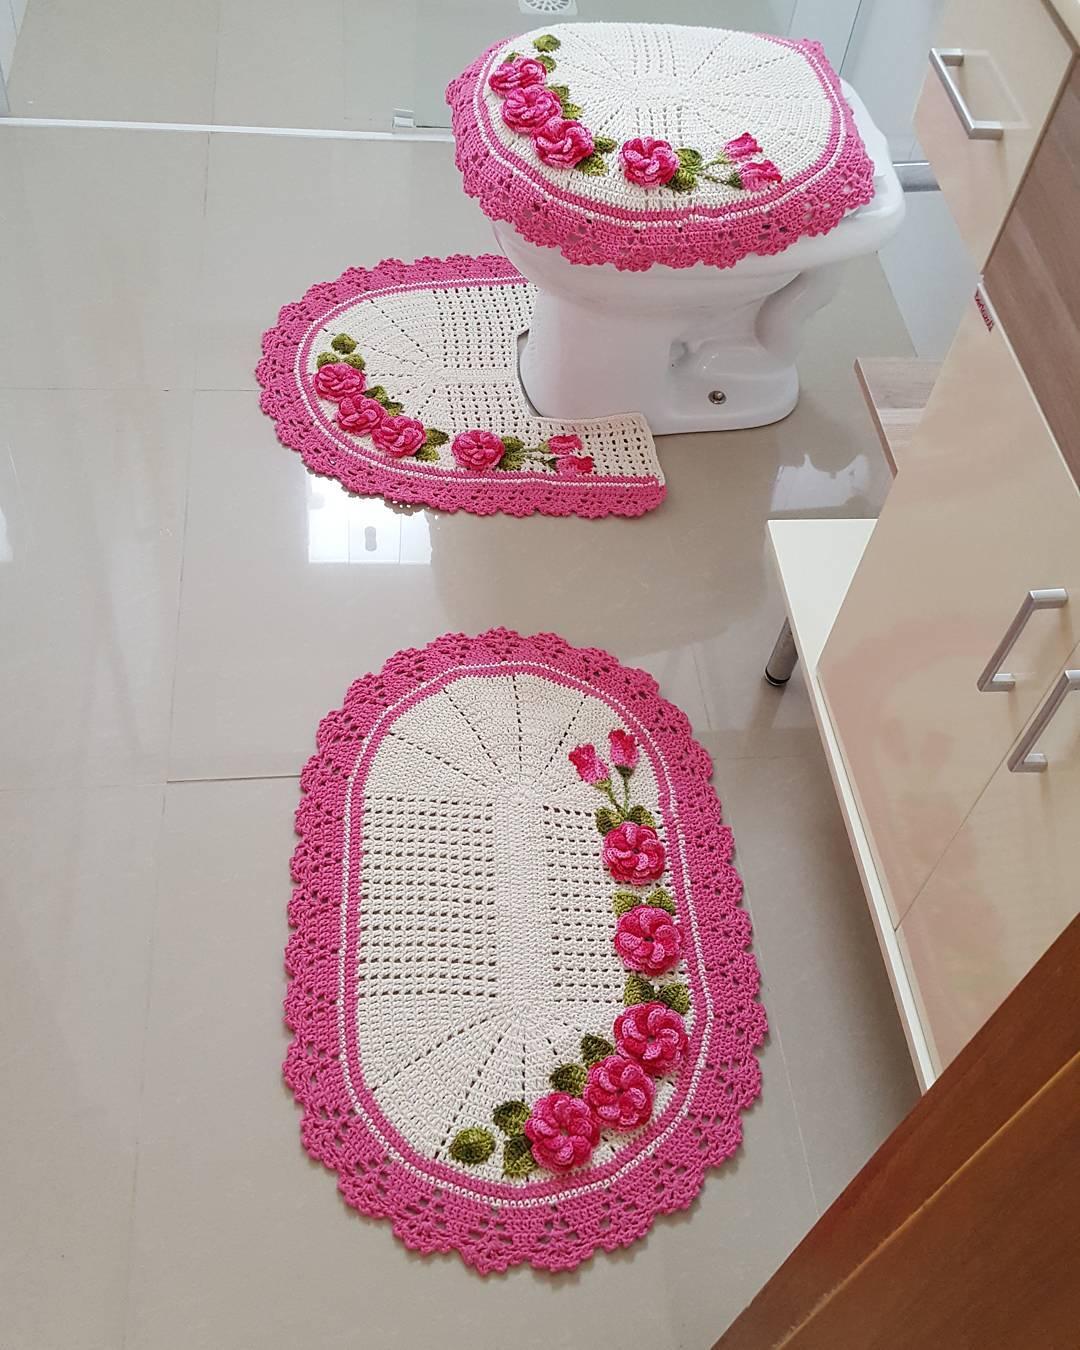 Jogo De Banheiro Classic Rosa Passo A Passo : Jogo de banheiro croch? fotos ideias e passo a